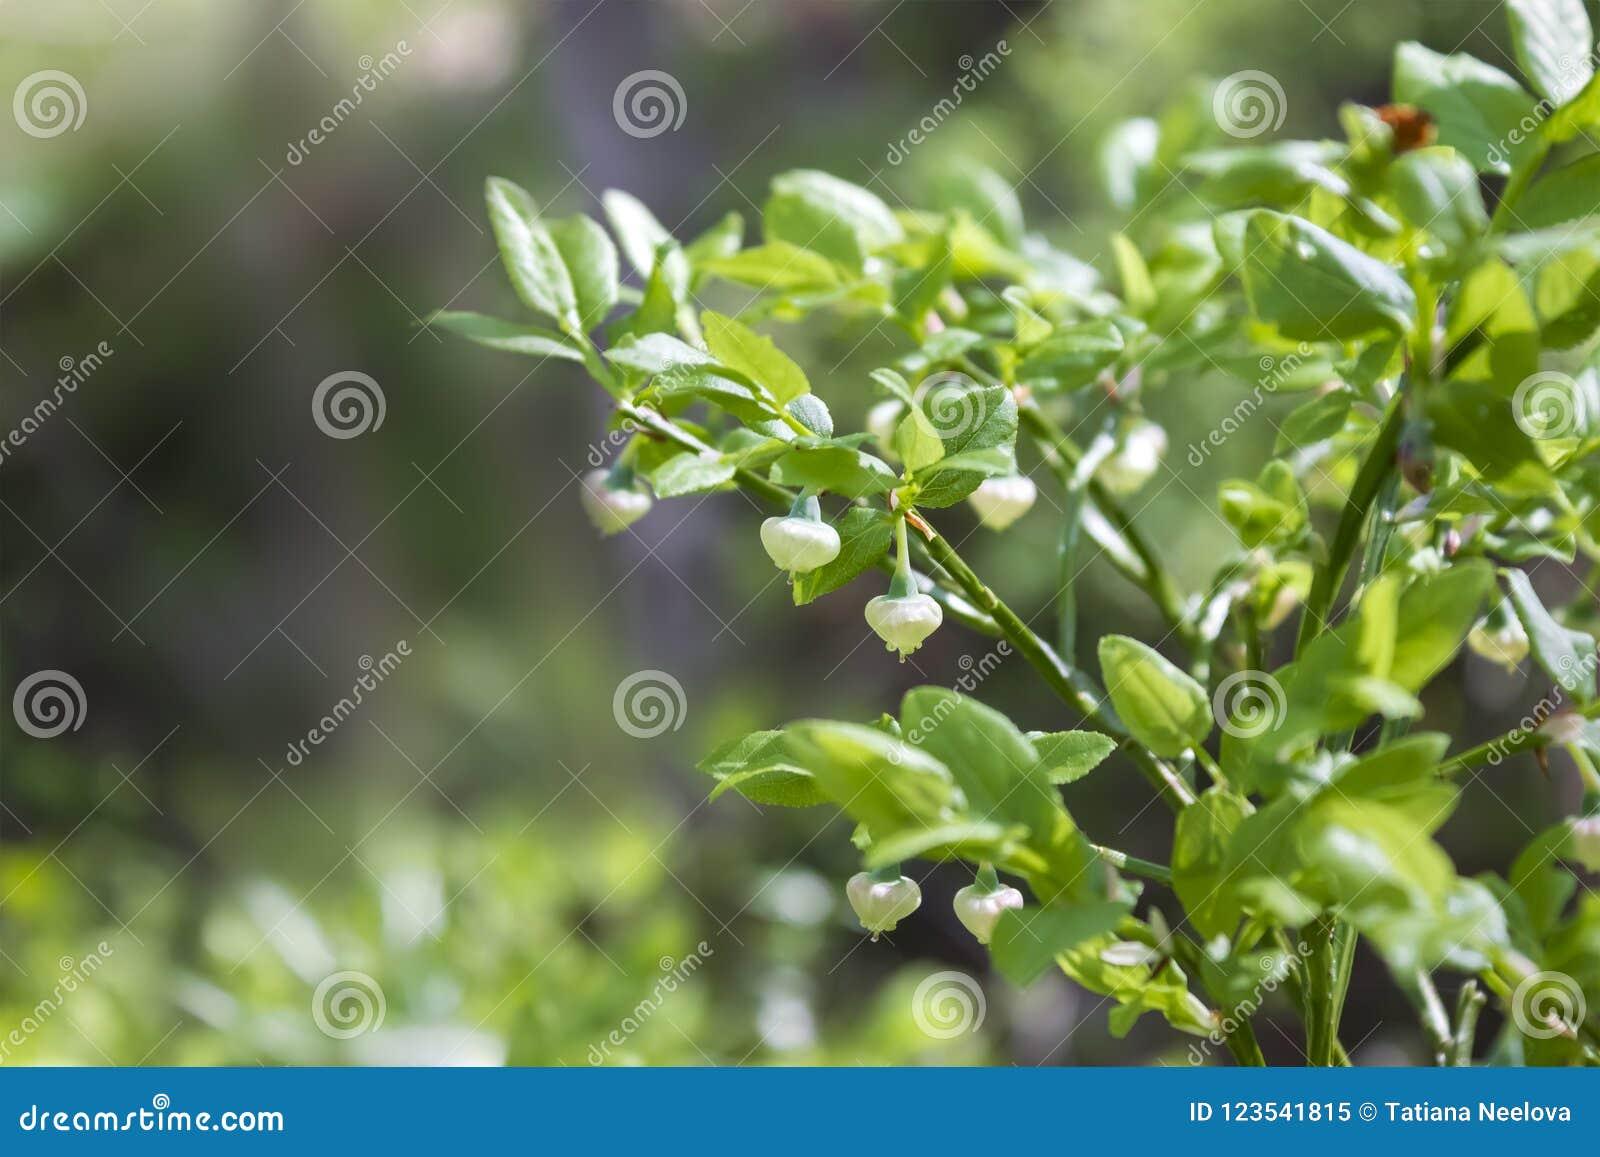 蓝莓、牛痘uliginosum、花在春天森林晴天和狂放的绿色年轻人开花的越桔照片在ea